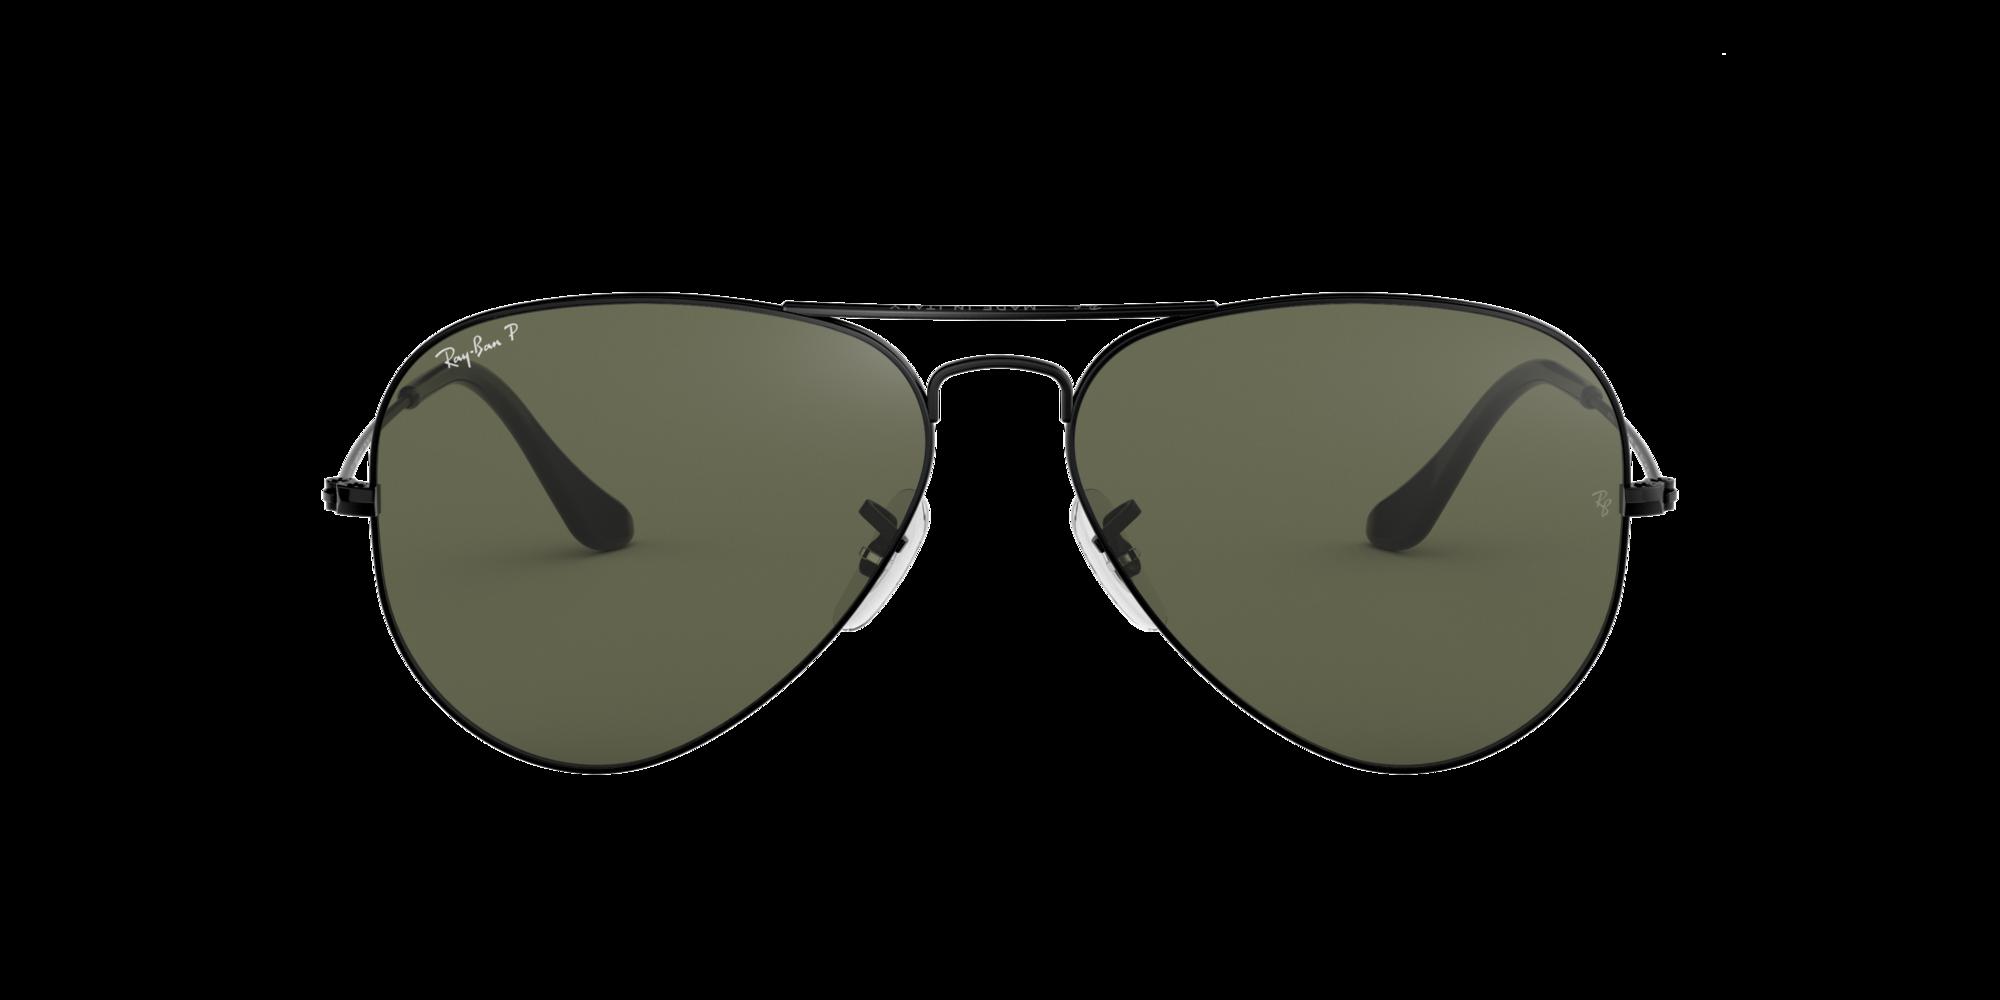 Imagen para RB3025 58 de LensCrafters |  Espejuelos, espejuelos graduados en línea, gafas